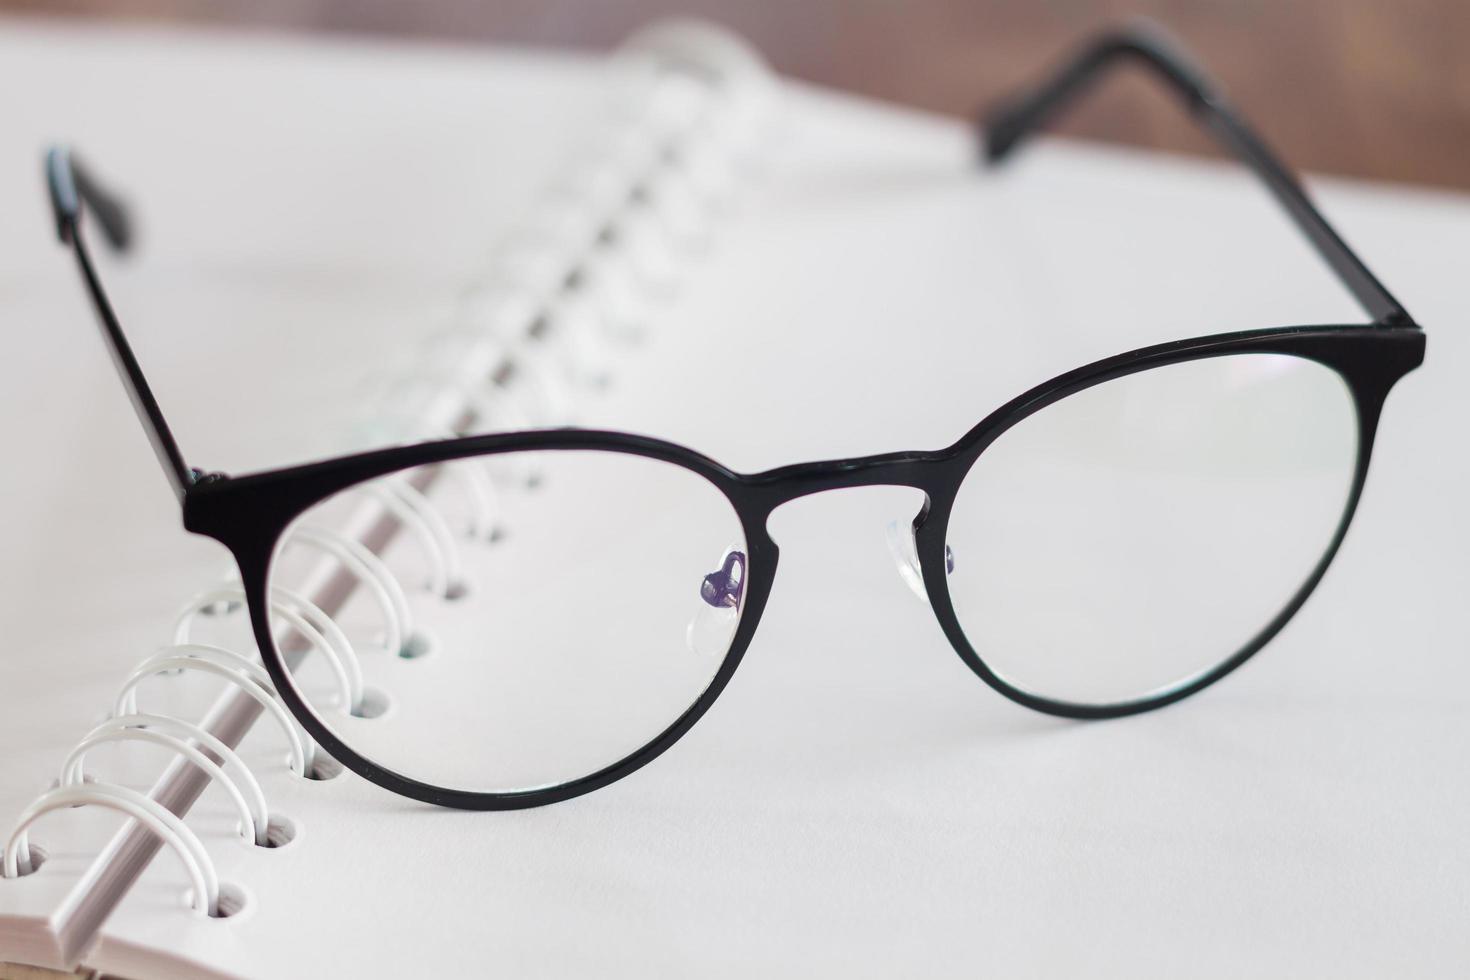 gros plan de lunettes photo